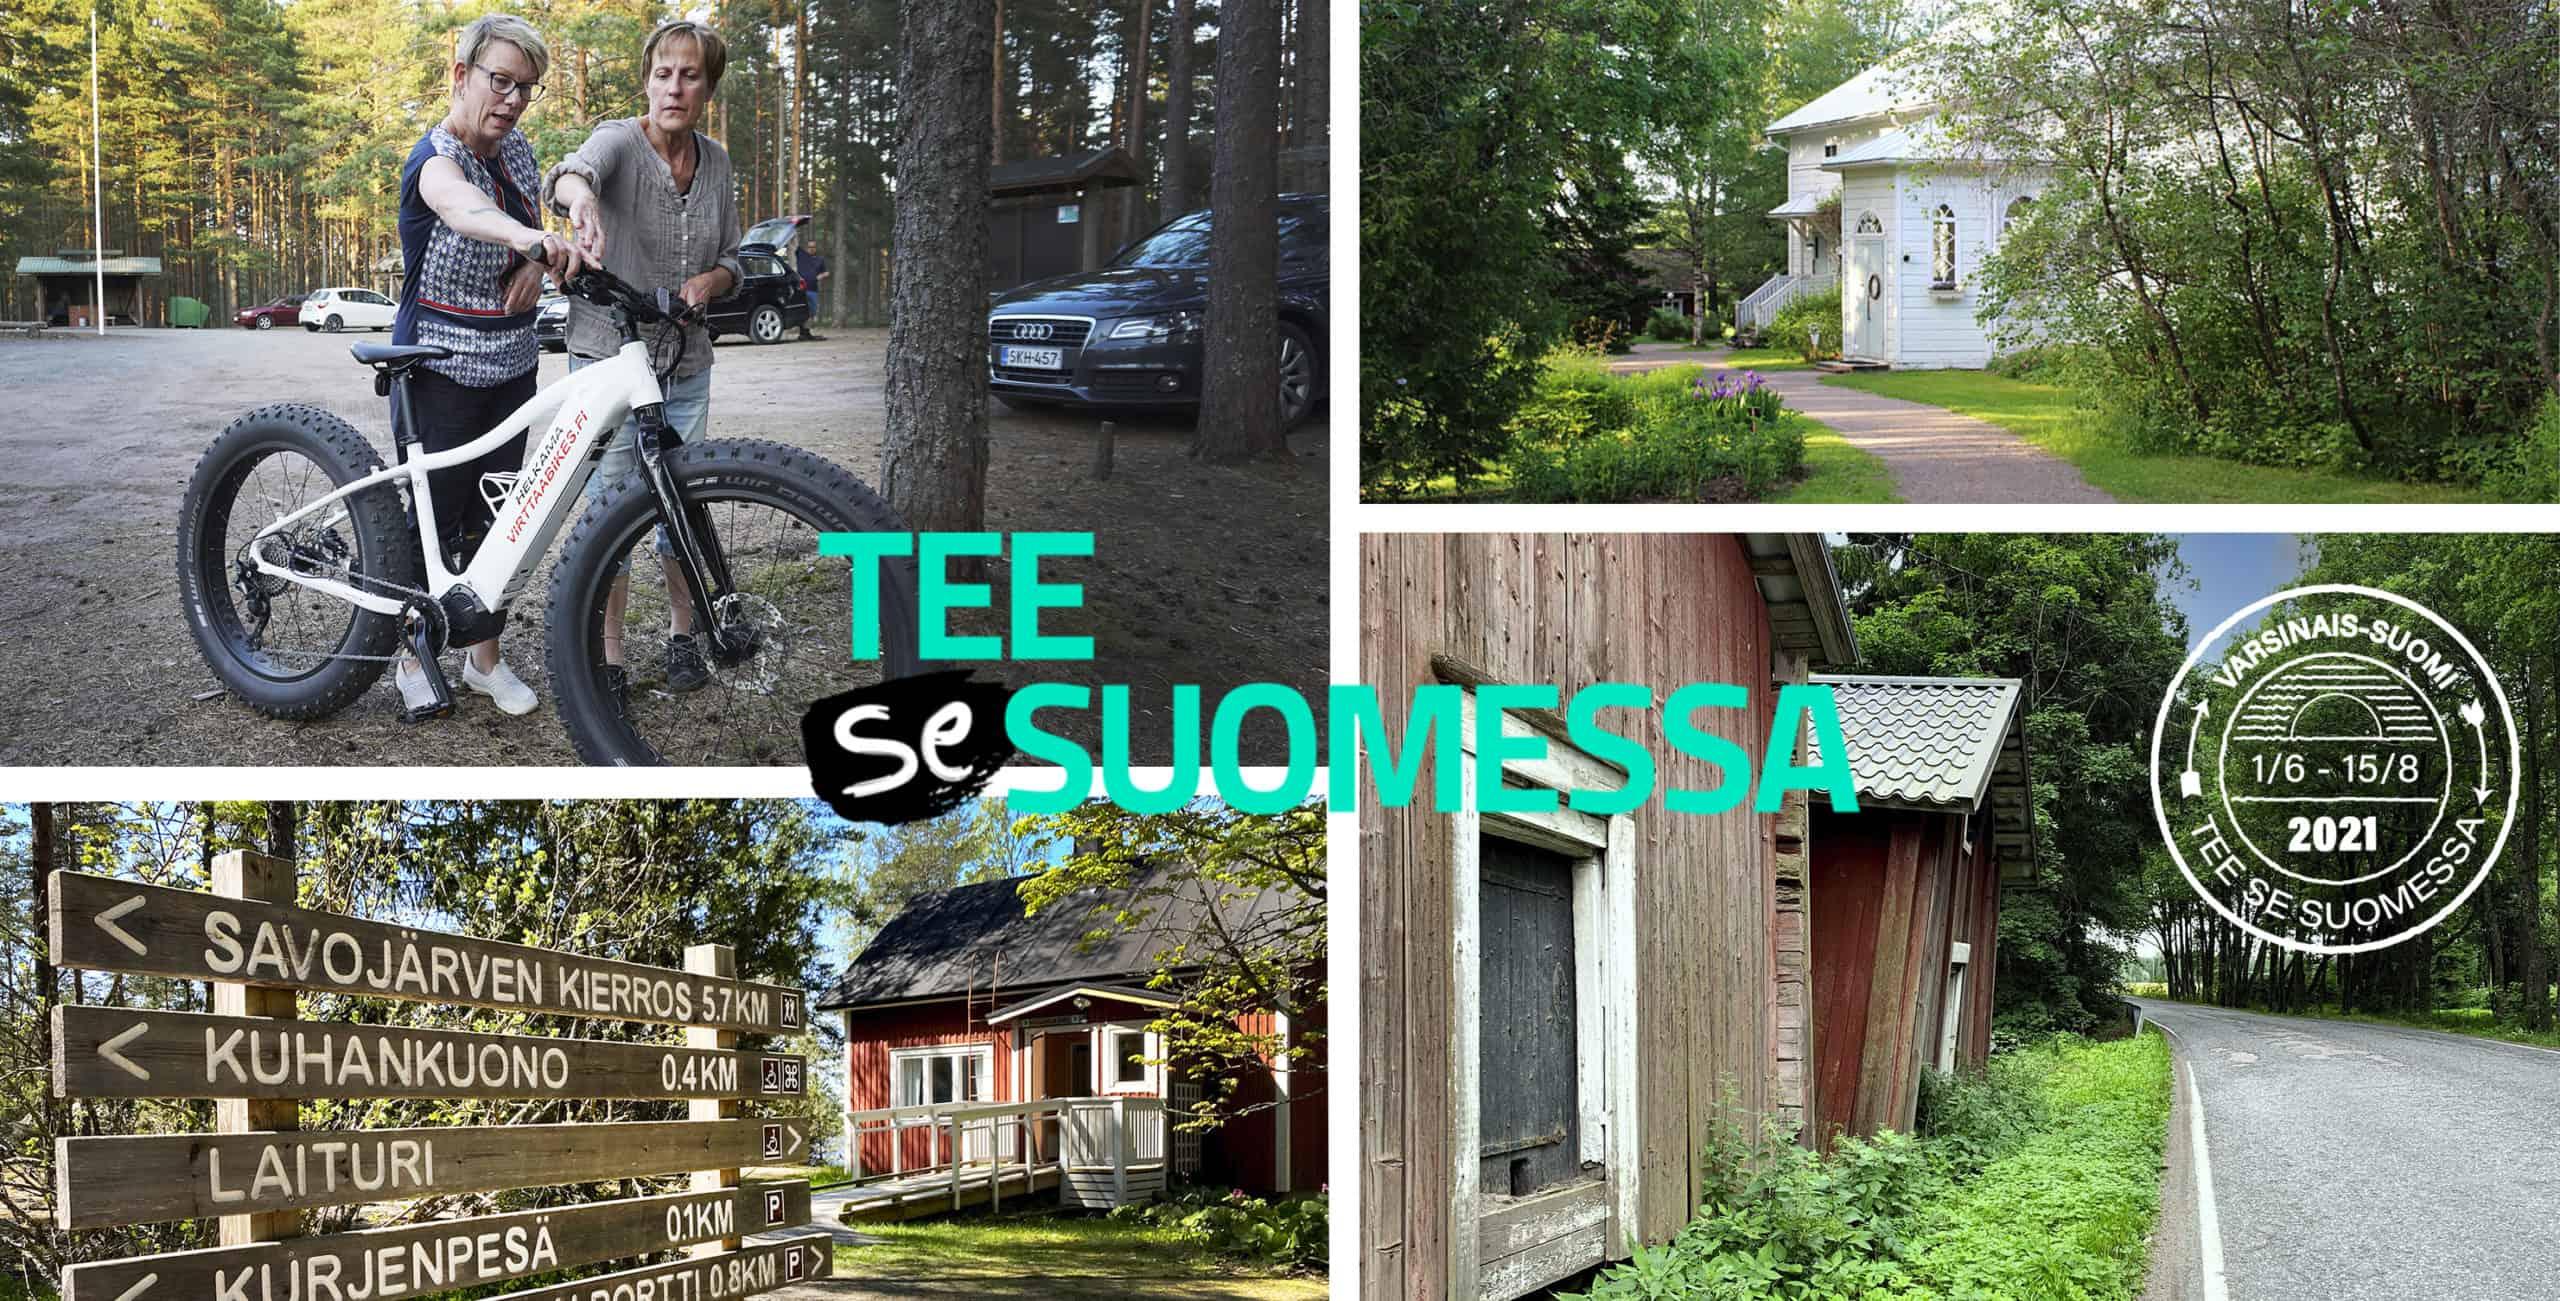 Tee se Suomessa -sivustolla mukana myös Jokivarsikumppaneiden tukemia kohteita!